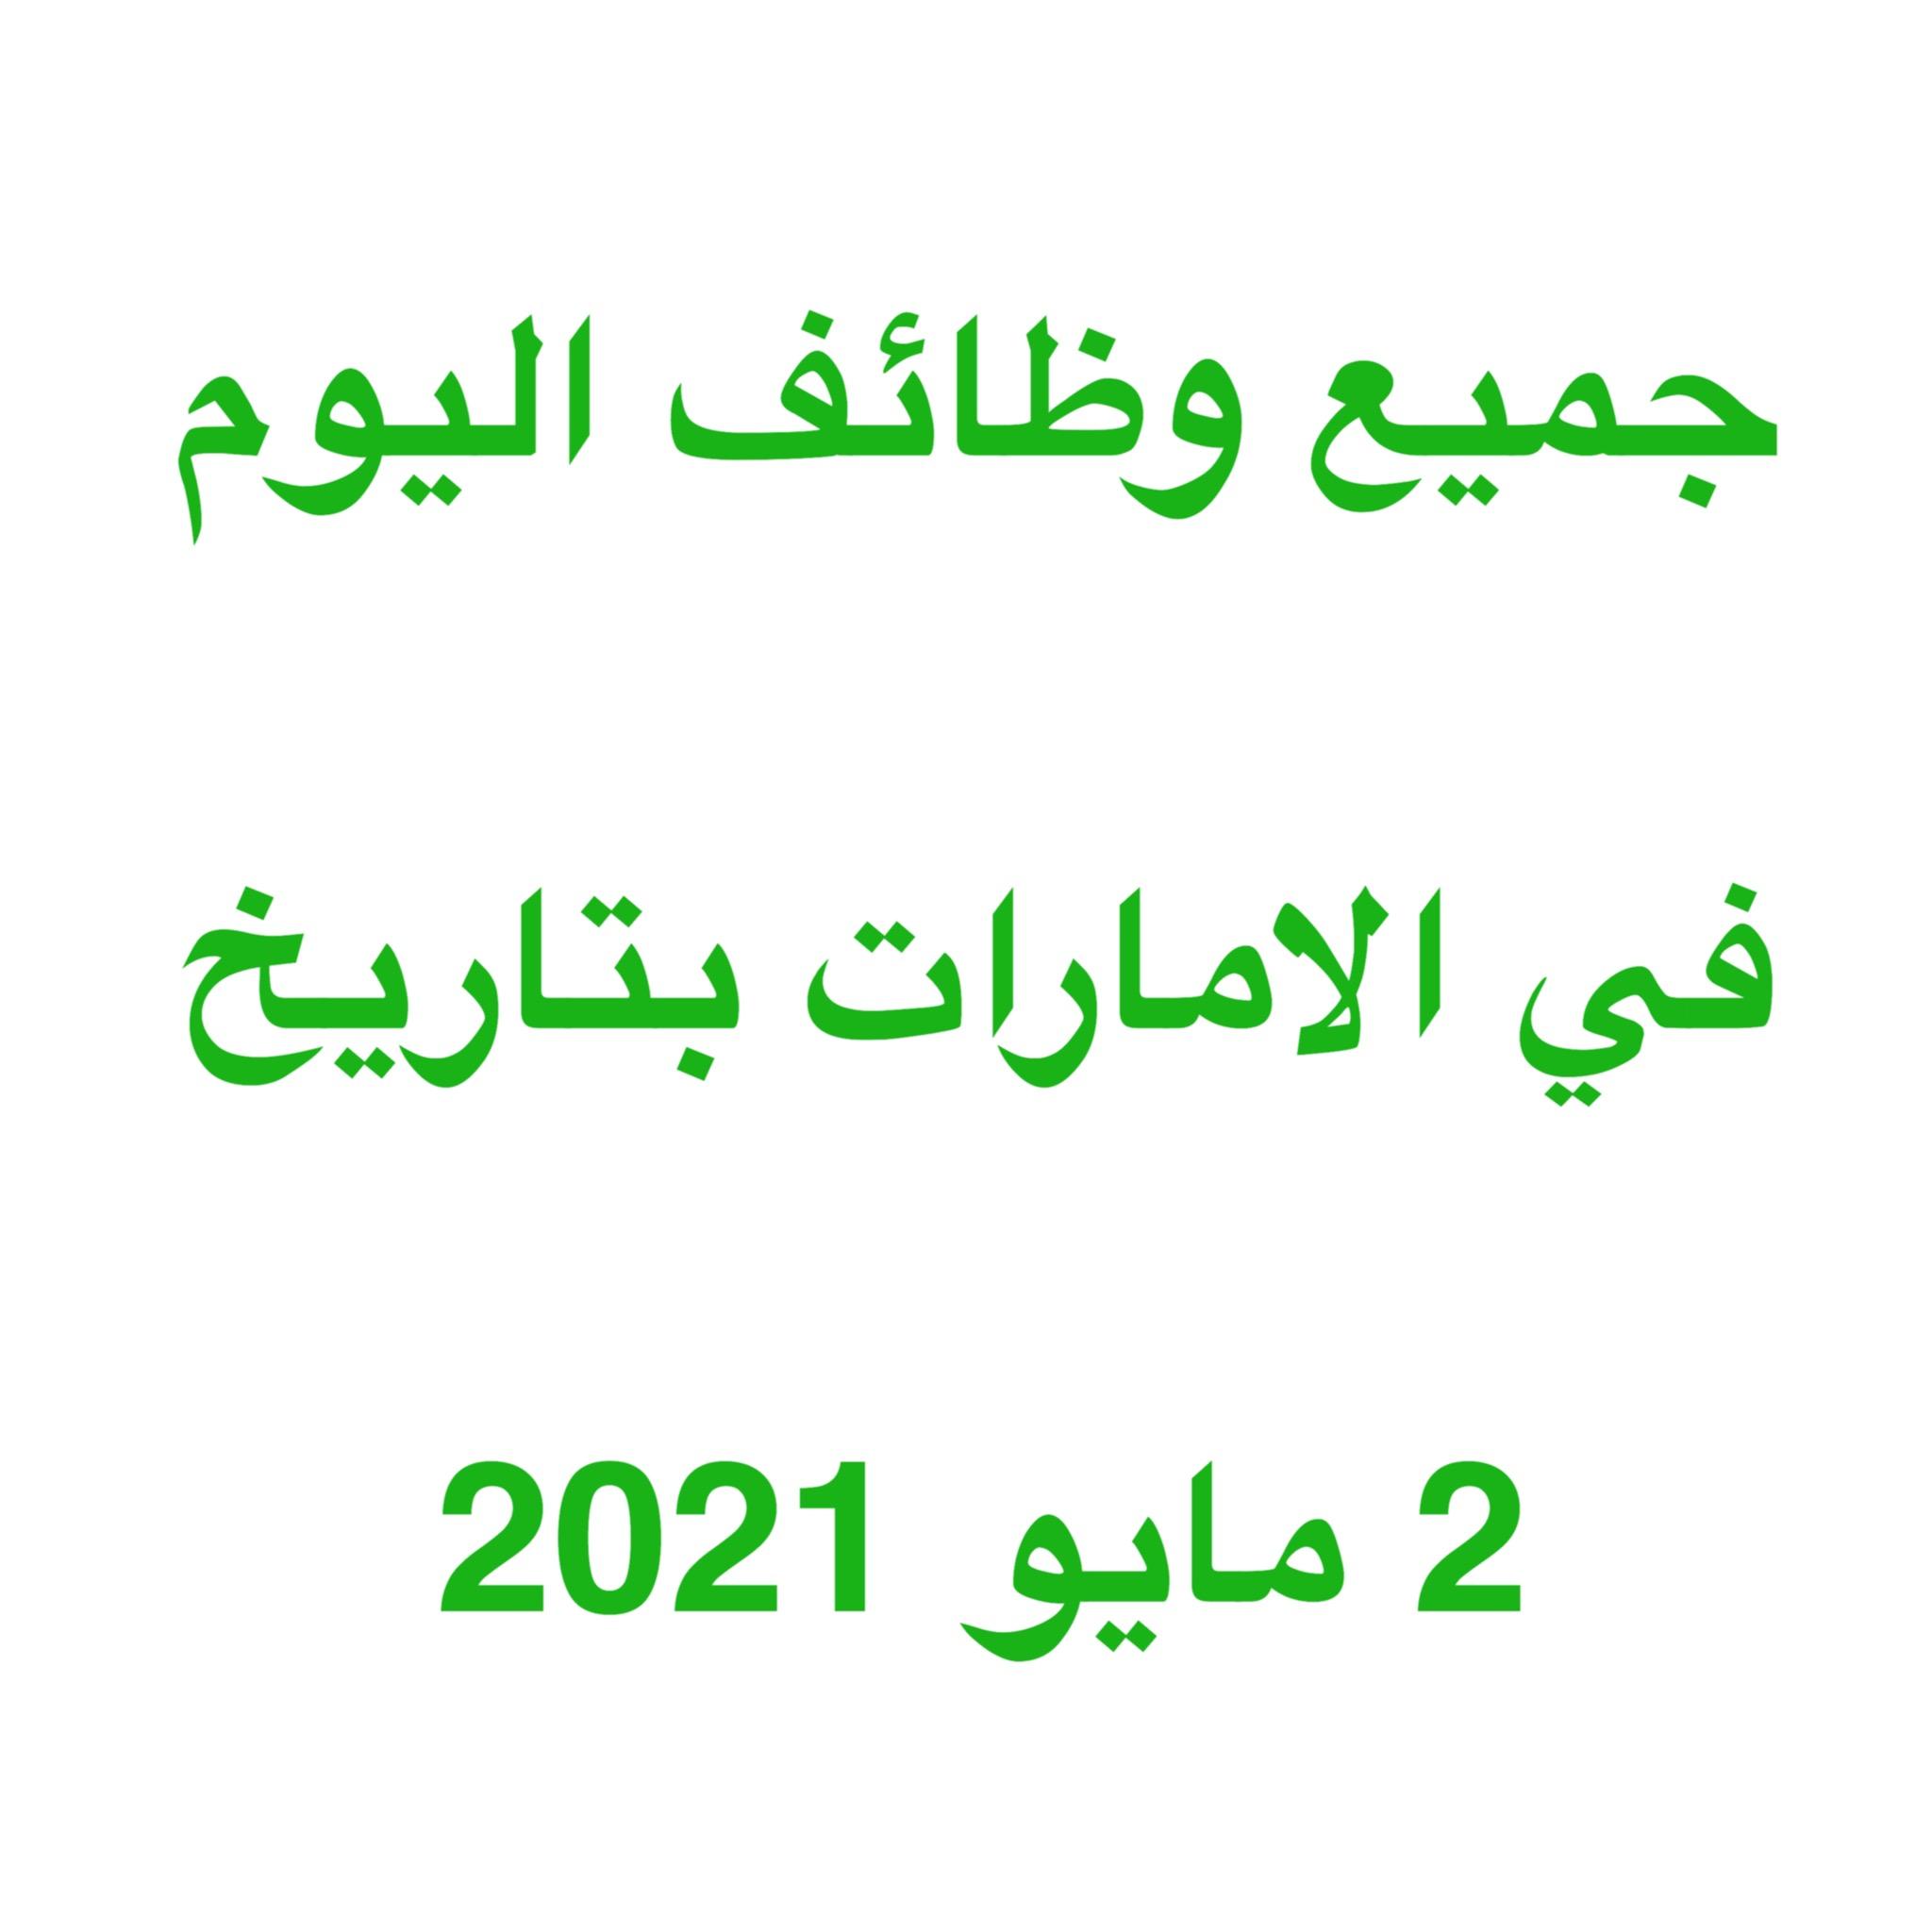 وظائف مايو 2021 خالية وفرص عمل بالامارات وحصل على وظيفة الان في الامارات اليوم ( 2 مايو 2021 ) لجميع التخصصات يومي في دولة الامارات للمواطنين والمقيمين بالامارات بتاريخ 2-5-2021